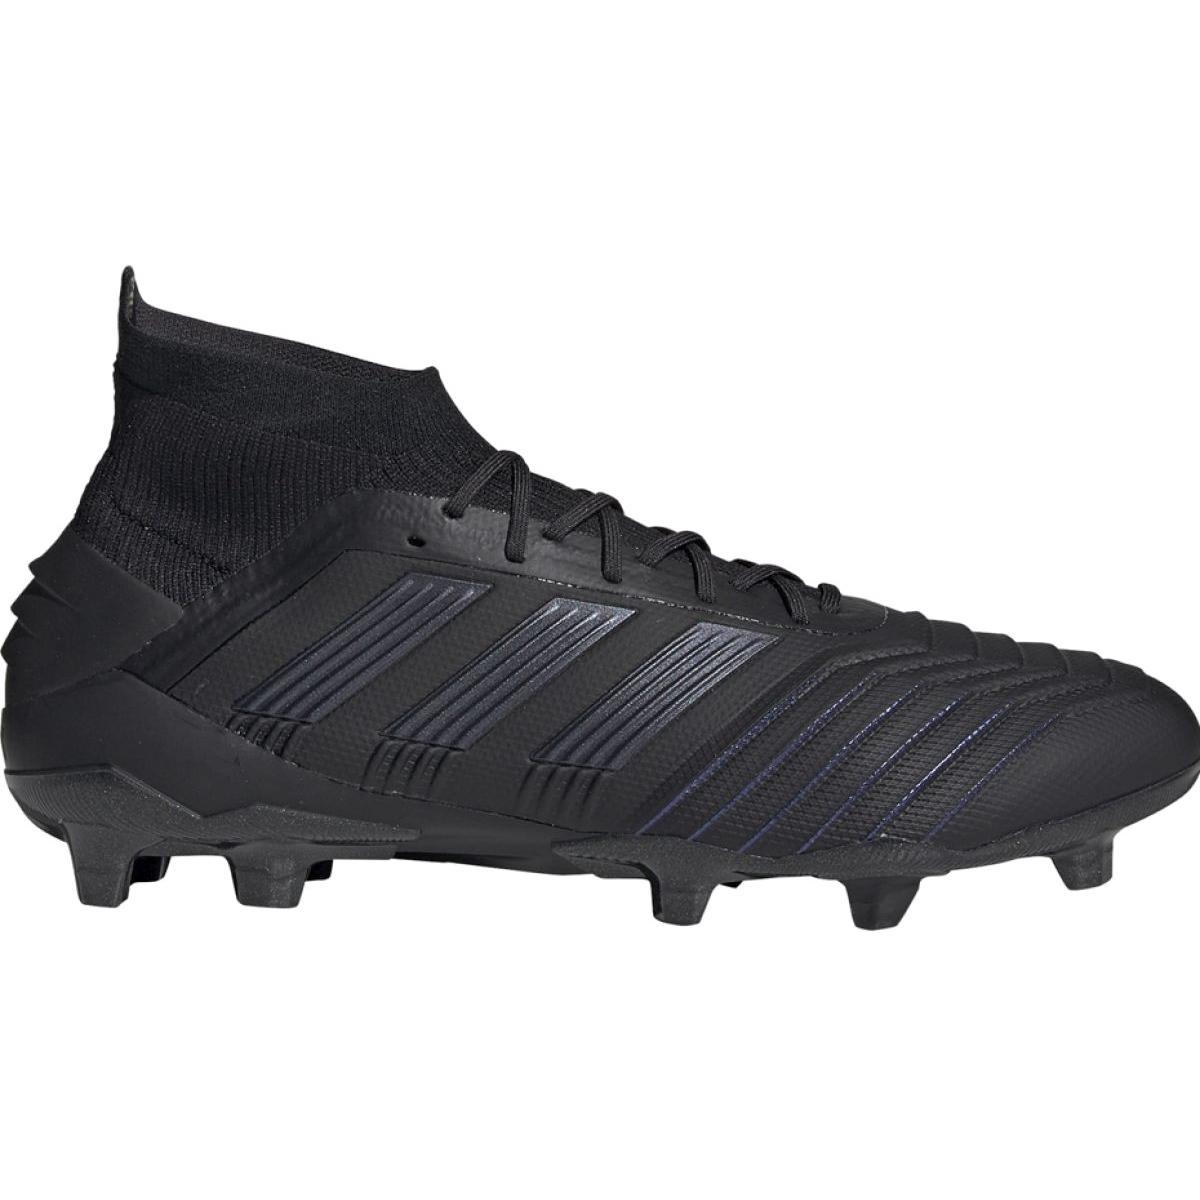 Chuteiras de futebol adidas Predator 19.1 Fg M preto preto